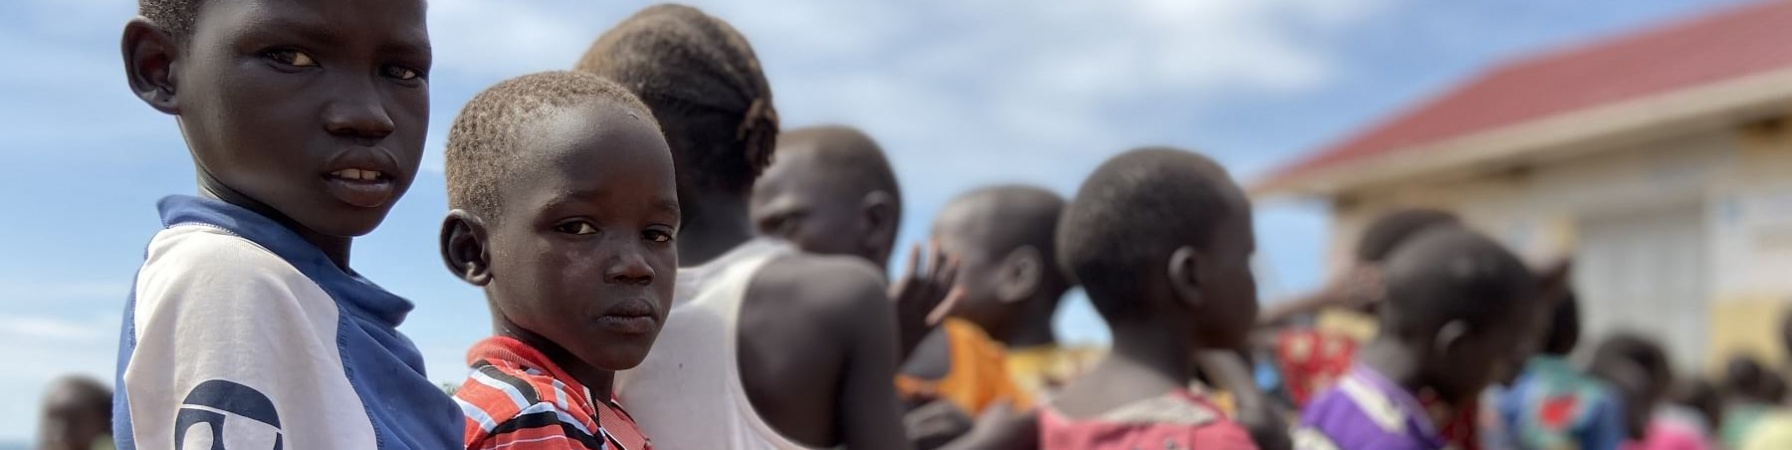 Bambini ugandesi in fila uno dietro l altro all aperto